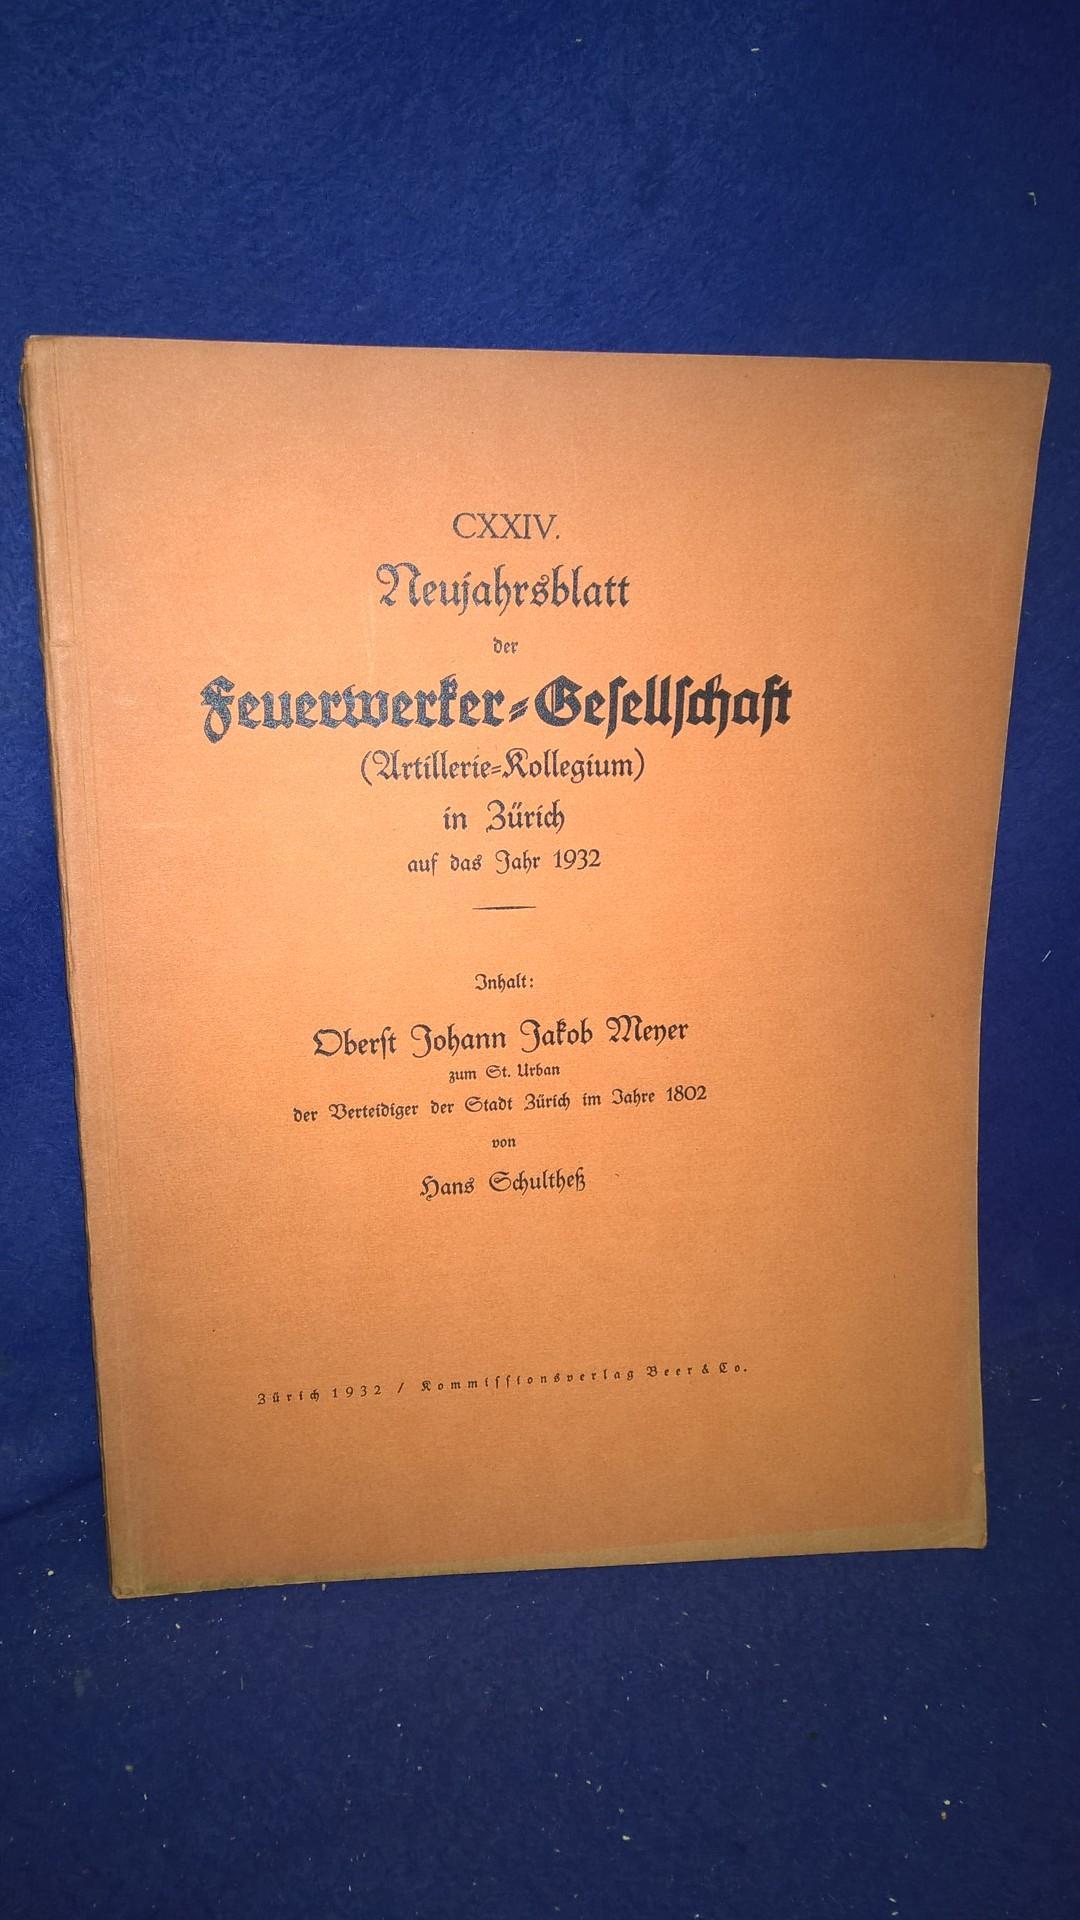 Oberst Johann Jakob Meyer zum St. Urban der Verteidiger der Stadt Zürich im Jahre 1802.. Aus der Reihe: Neujahrsblatt der Feuerwerker-Gesellschaft ( Artillerie-Kollegium ) in Zürich auf das Jahr 1932.